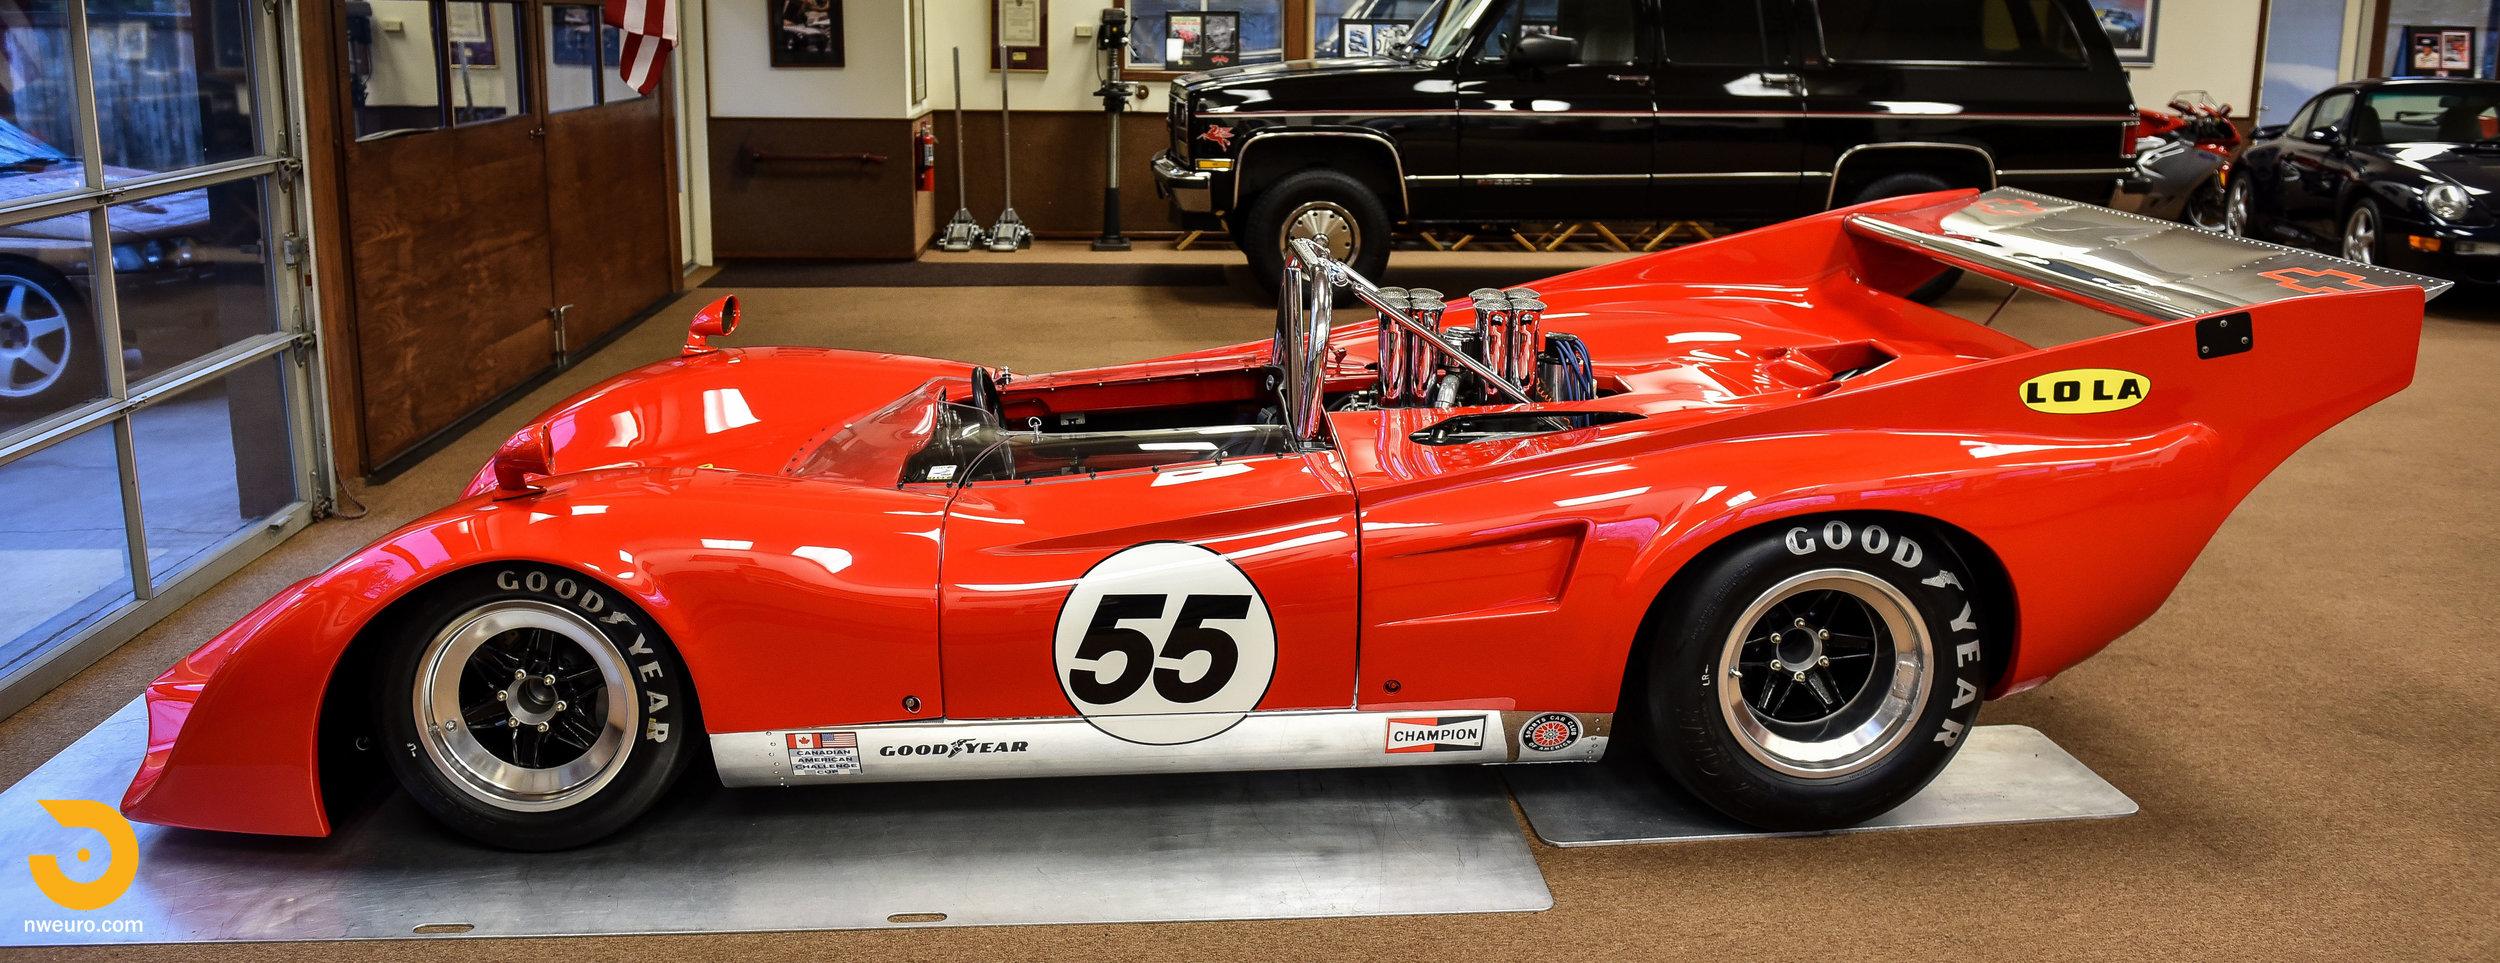 1969 Lola T162 Can-Am Race Car-33.jpg